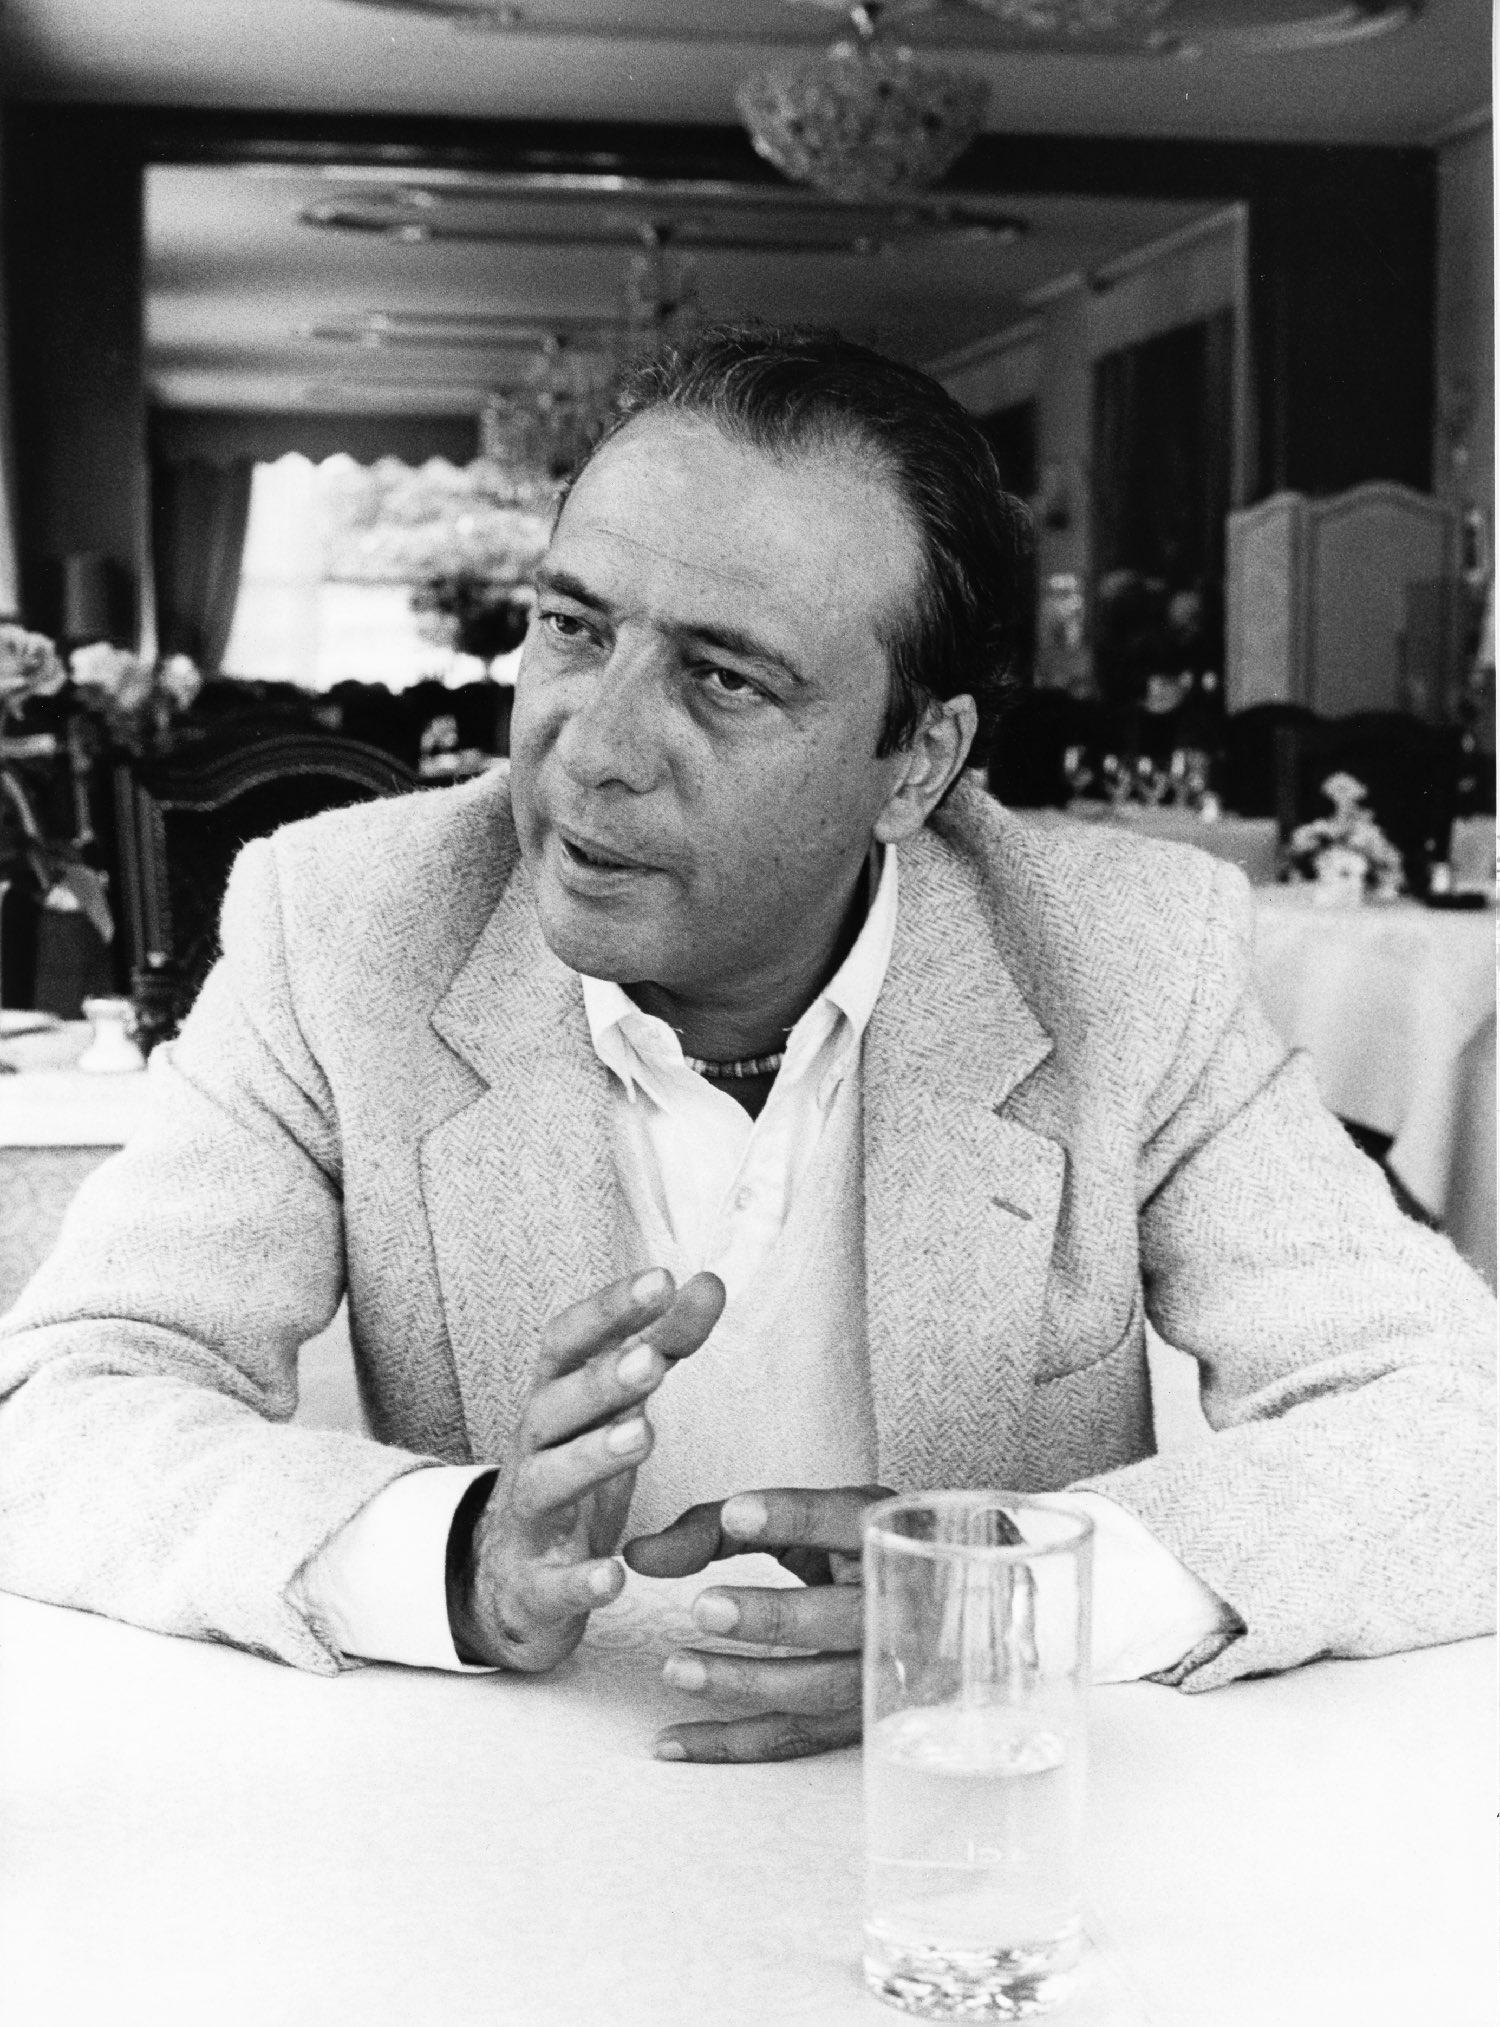 Jacques Seguela | Genève 1979 | Photosandrine cohen